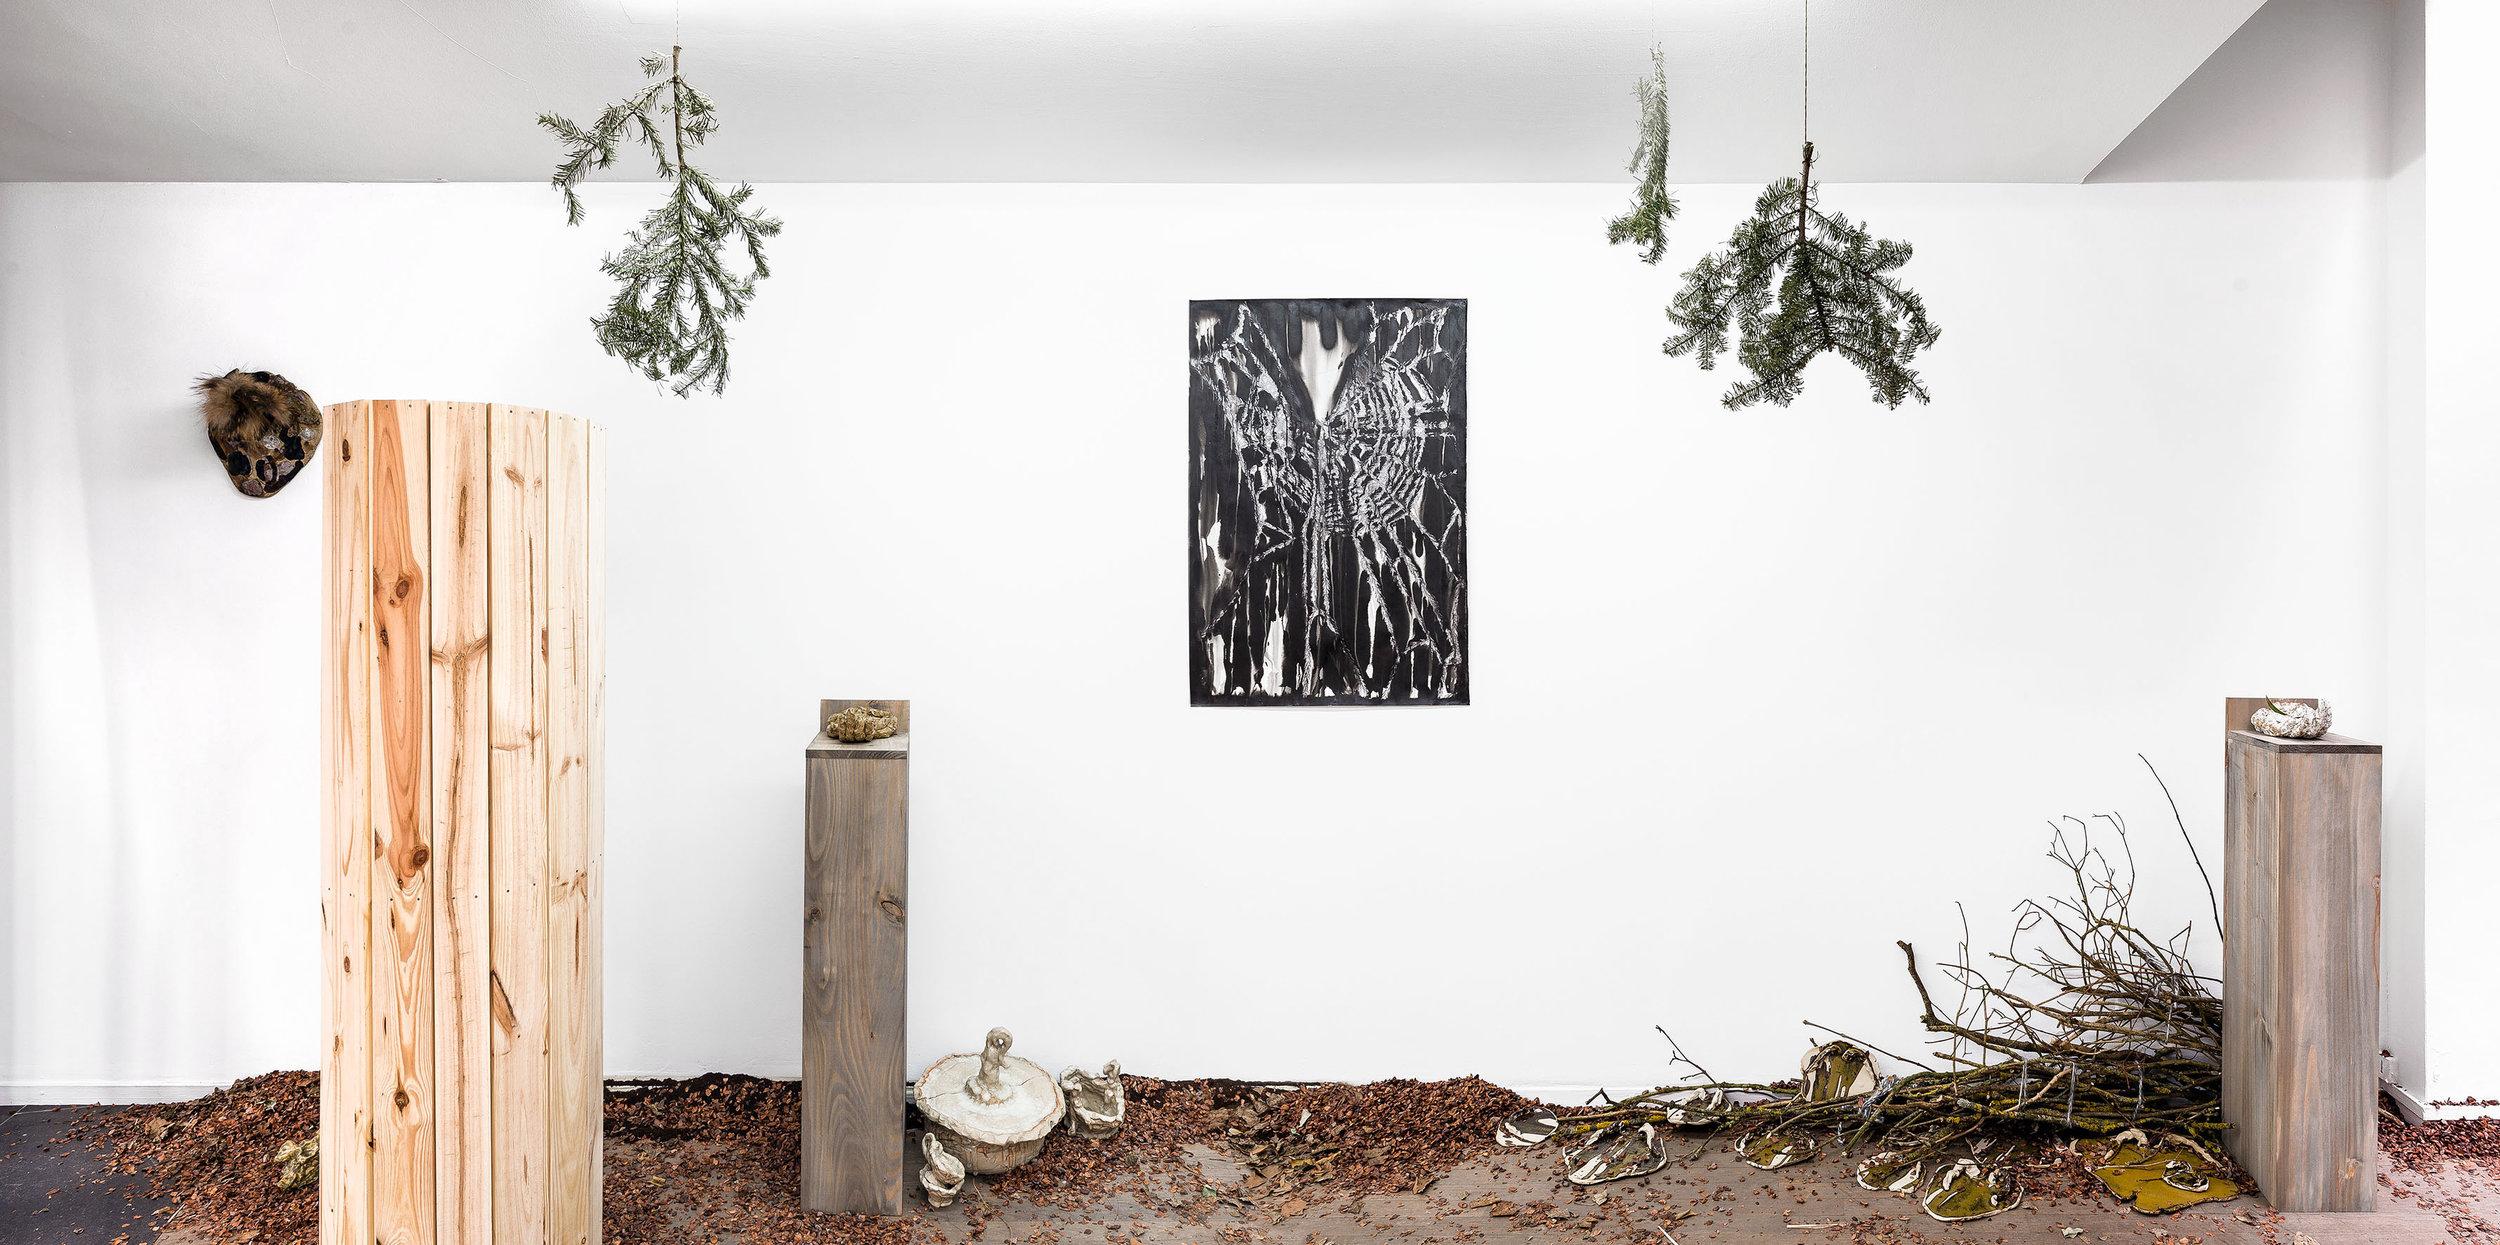 MERMIN-Caresse de forêt-1-OK.jpg